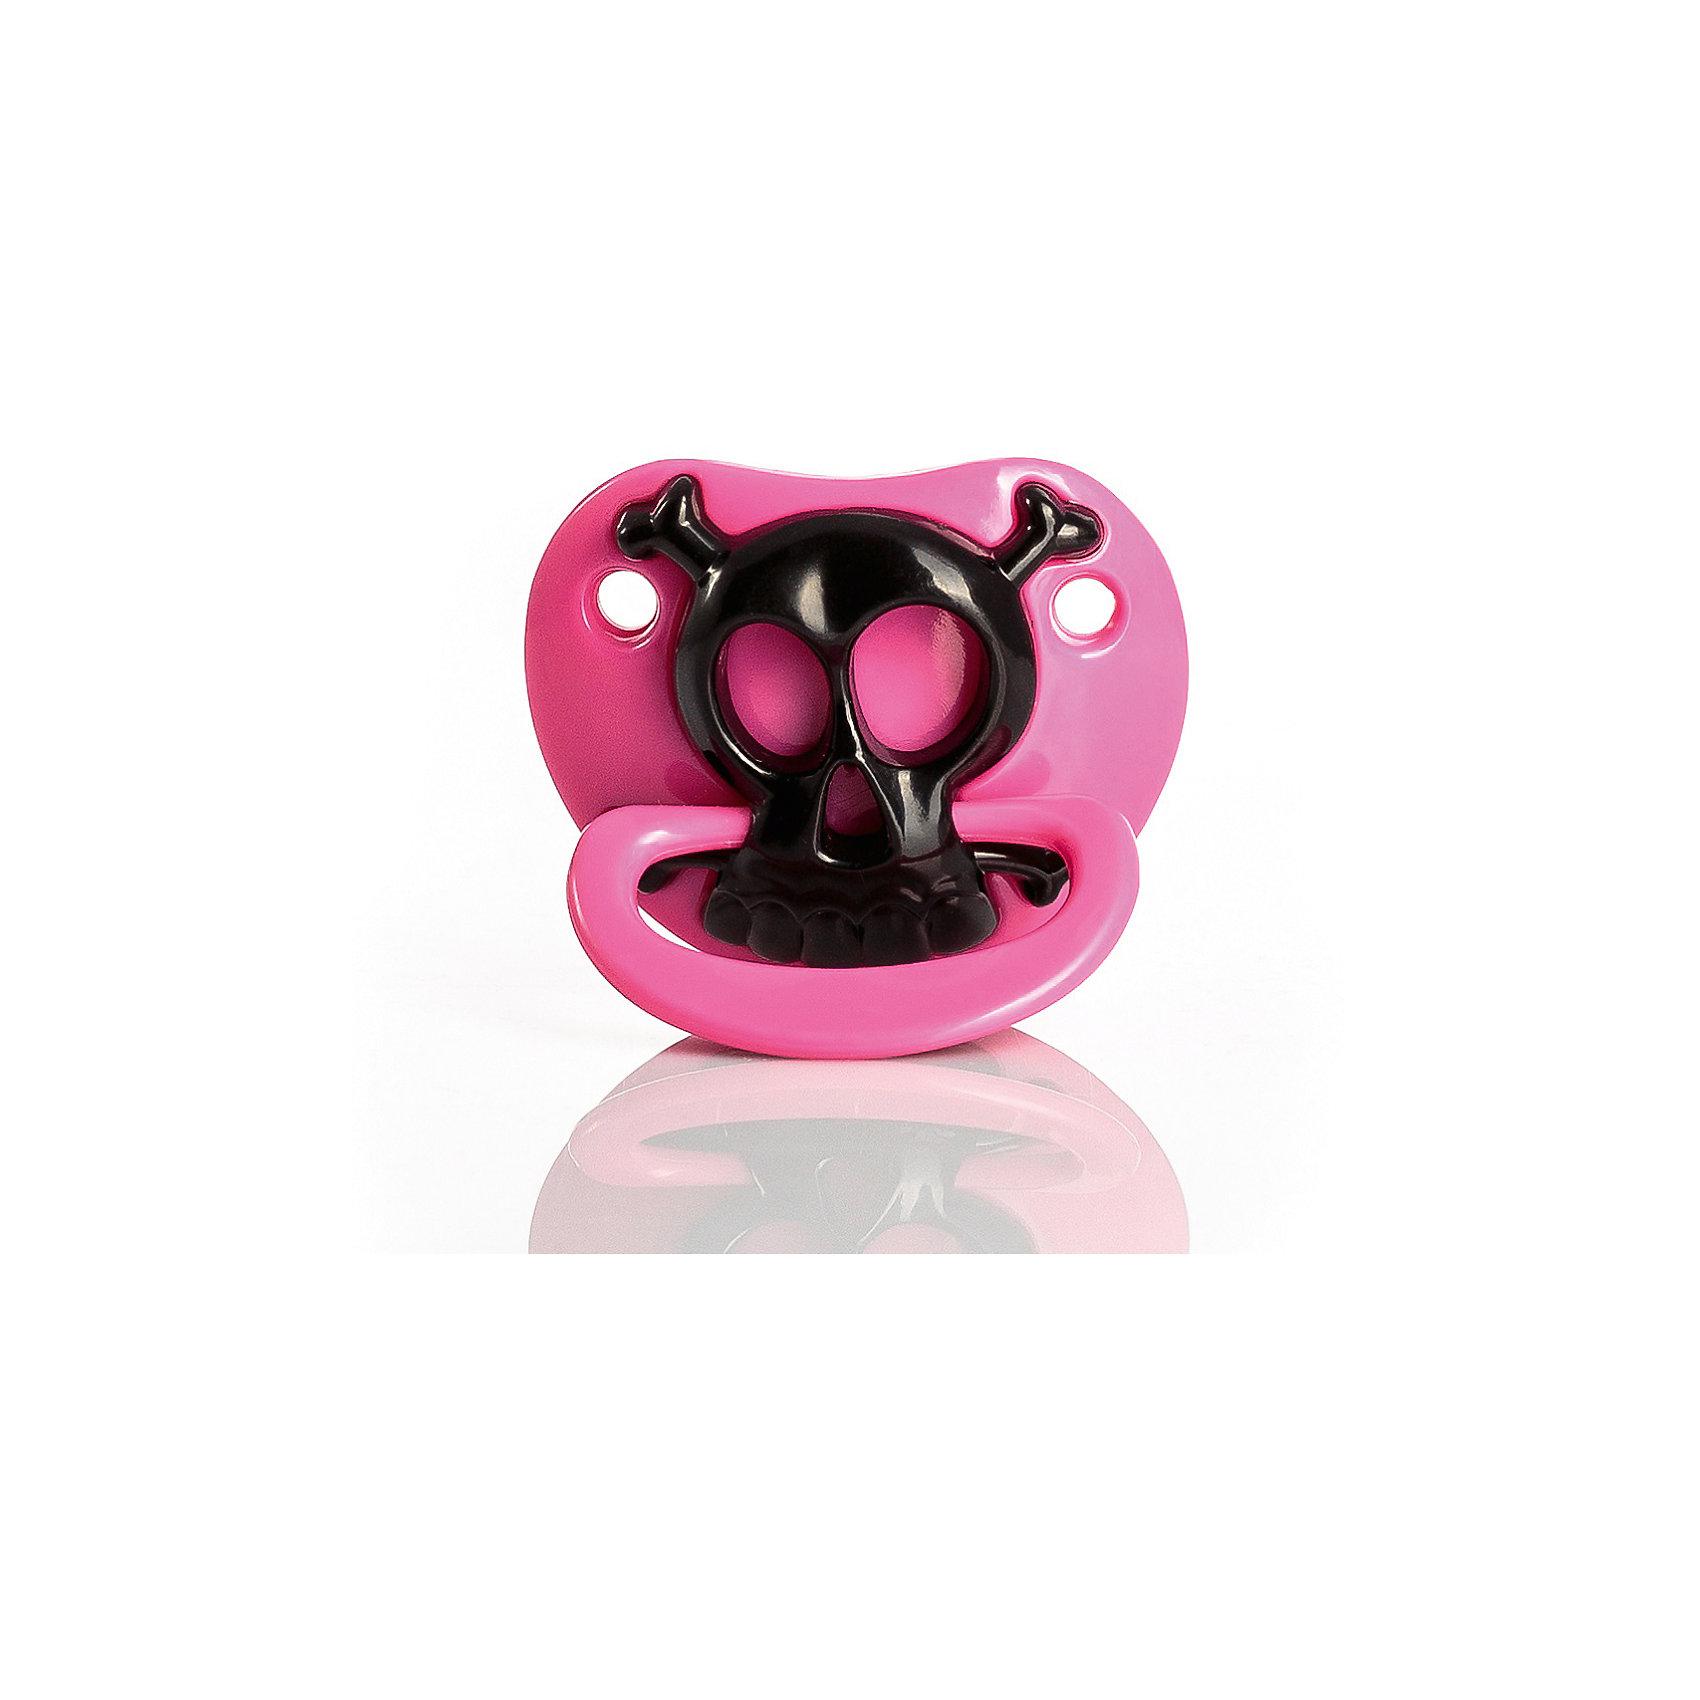 Забавная пустышка Розовый череп, Billy-BobПустышки и аксессуары<br>Забавная пустышка Розовый череп, Billy-Bob (Билли-Боб).<br><br>Характеристики:<br><br>- Материал: силикон, пластик<br>- Возраст: от 0 мес<br>- Форма: ортодонтическая<br>- Без фталатов и BPA<br><br>Весёлая пустышка Розовый череп от Billy-Bob (Билли-Боб) создана специально для вашей малышки. Это отличное решение для любой вечеринки. С этой яркой забавной пустышкой ваша малышка не останется незамеченной и всегда будет в центре внимания. Пустышка имеет форму соски Nuk, способствующую здоровому развитию челюсти. Ортодонтическая форма пустышки обеспечивает формирование правильного прикуса и челюстно-лицевого аппарата в целом. С пустышкой Розовый череп от Billy-Bob (Билли-Боб) процесс перехода от грудного вскармливания будет безболезненным для вашего ребенка. Она удовлетворяет естественный сосательный рефлекс и тренирует мышцы губ, языка и челюсти, что играет важную роль в развитии навыков приема пищи и речевых навыков. Изделие изготовлено из безопасных, нетоксичных материалов. Соответствует всемирным требованиям к пустышкам и соскам 16 CFR 1511 и BS EN 1400.<br><br>Забавную пустышку Розовый череп, Billy-Bob (Билли-Боб) можно купить в нашем интернет-магазине.<br><br>Ширина мм: 80<br>Глубина мм: 45<br>Высота мм: 165<br>Вес г: 34<br>Возраст от месяцев: 0<br>Возраст до месяцев: 12<br>Пол: Женский<br>Возраст: Детский<br>SKU: 5392929